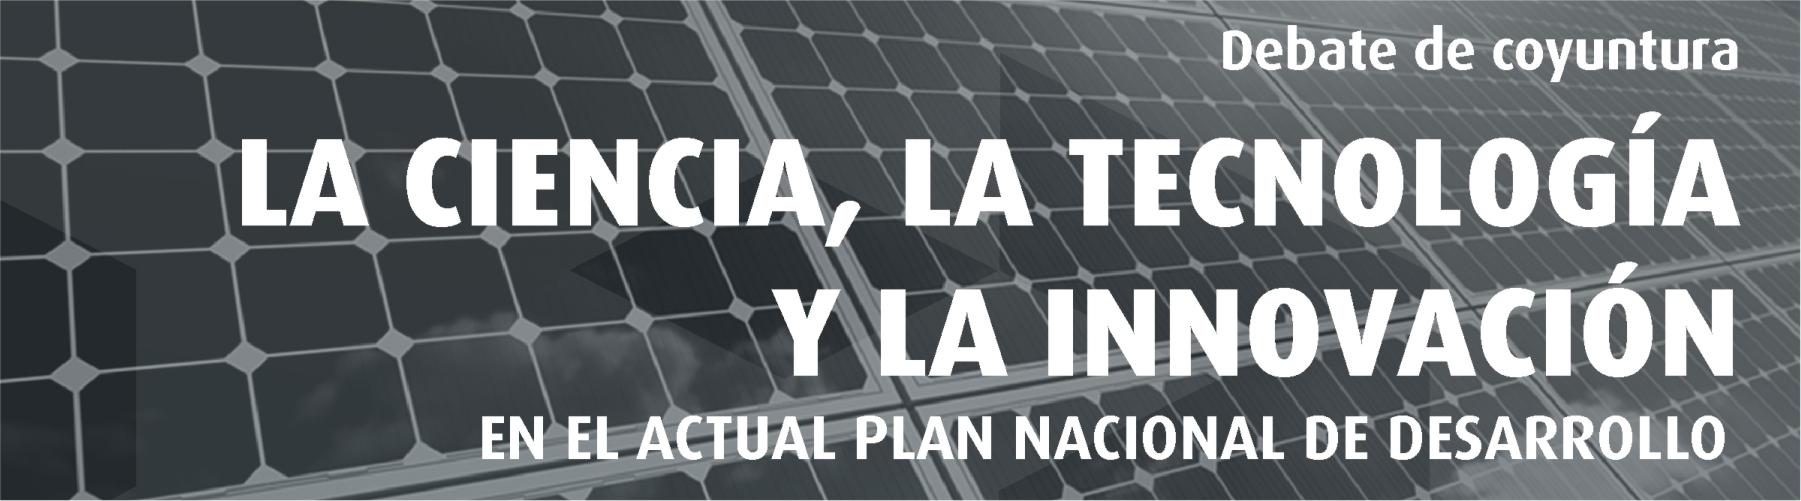 Debate de Coyuntura La Ciencia, La Tecnología y la Innovación en el Actual Plan Nacional de Desarrollo